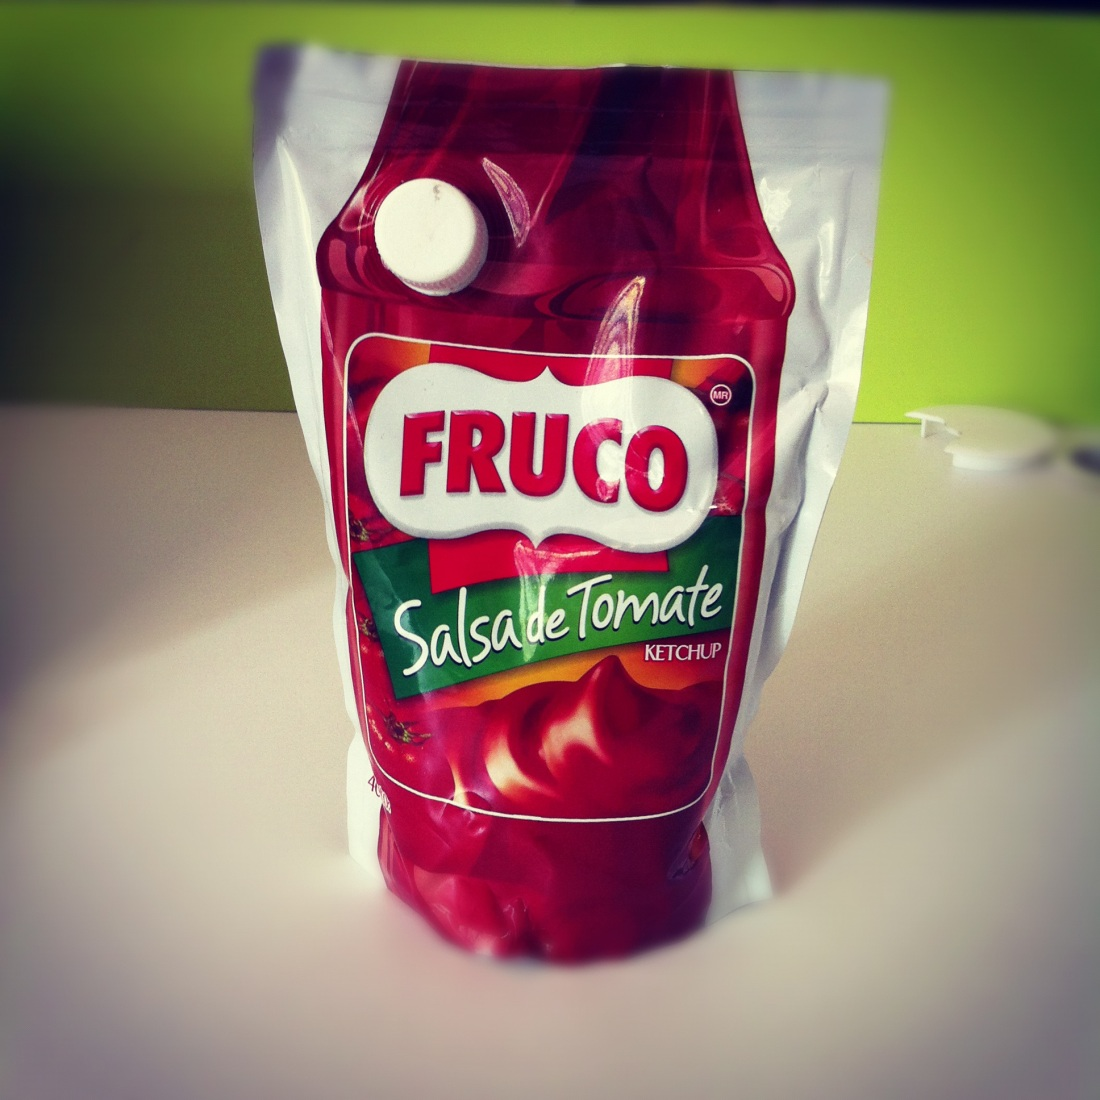 ketchup fruco